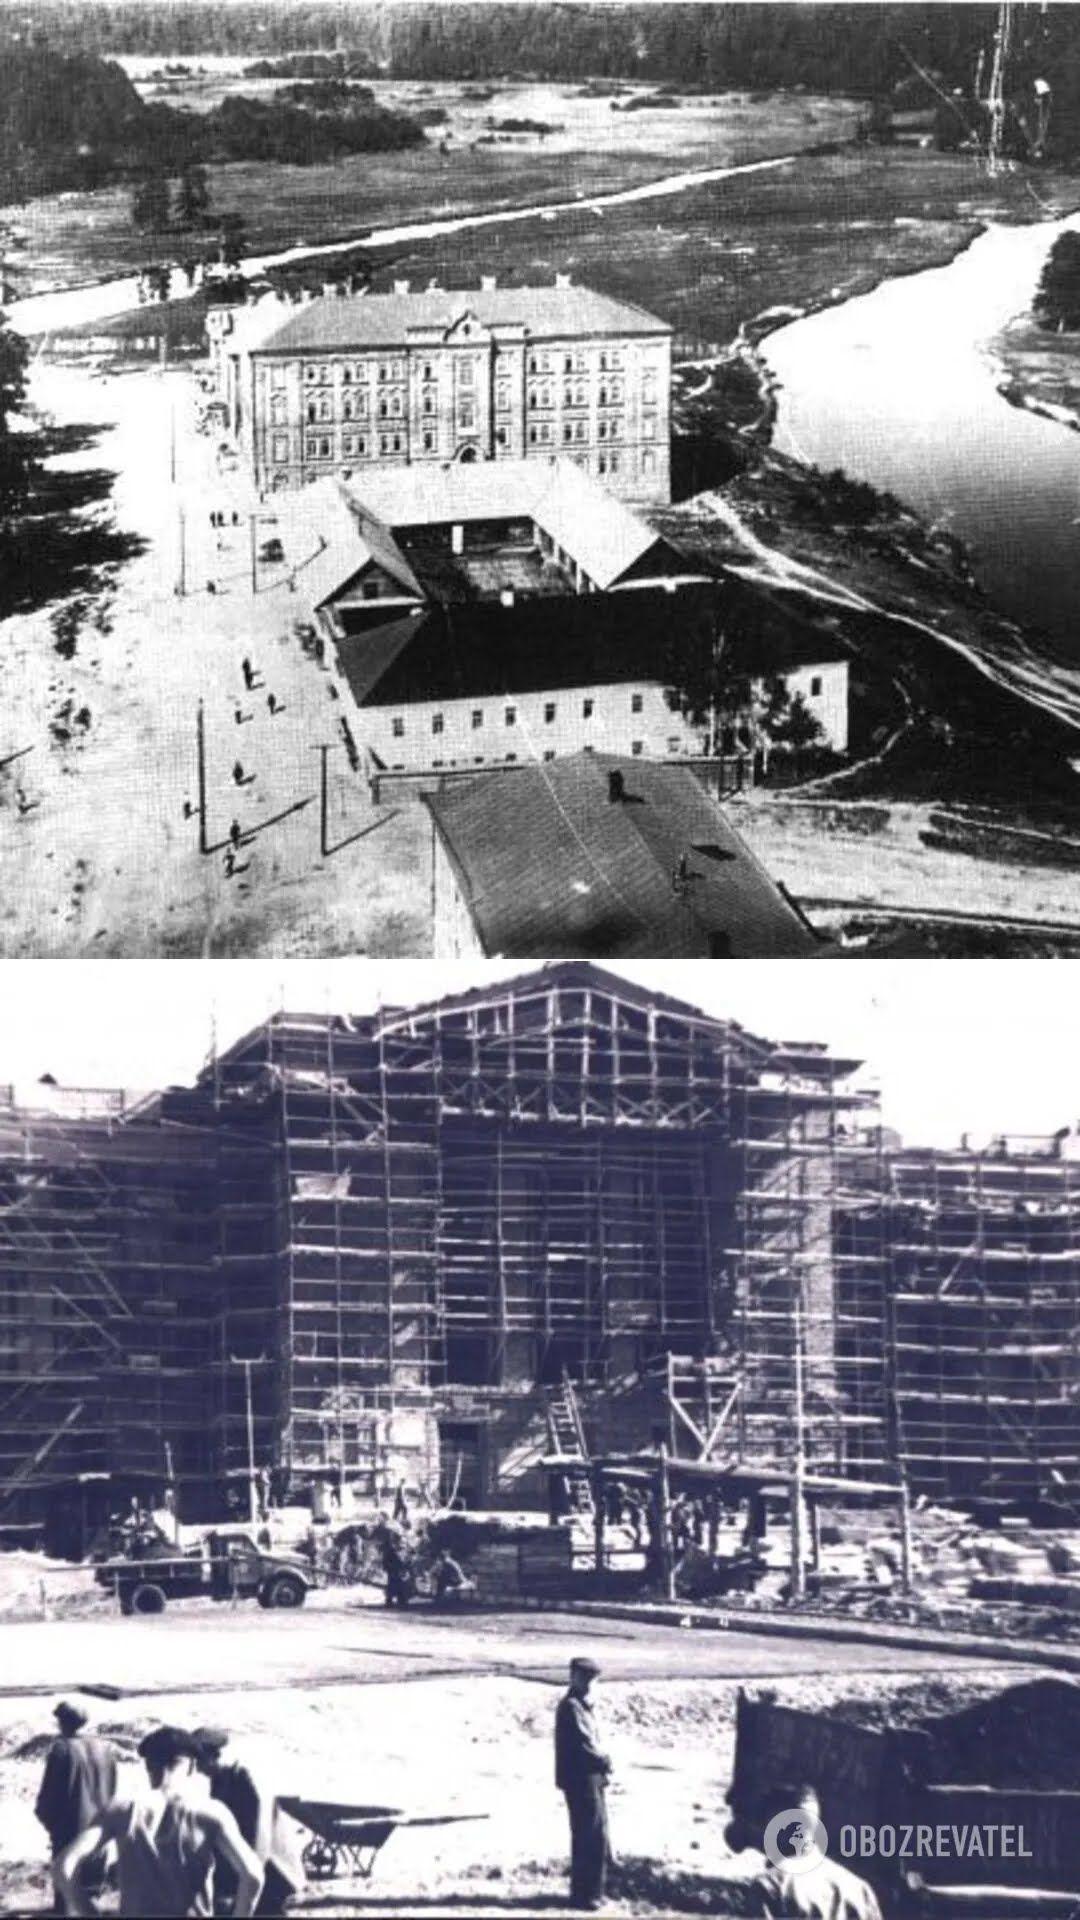 Закрытые города Арзамас-16 и Свердловск-45 во времена СССР